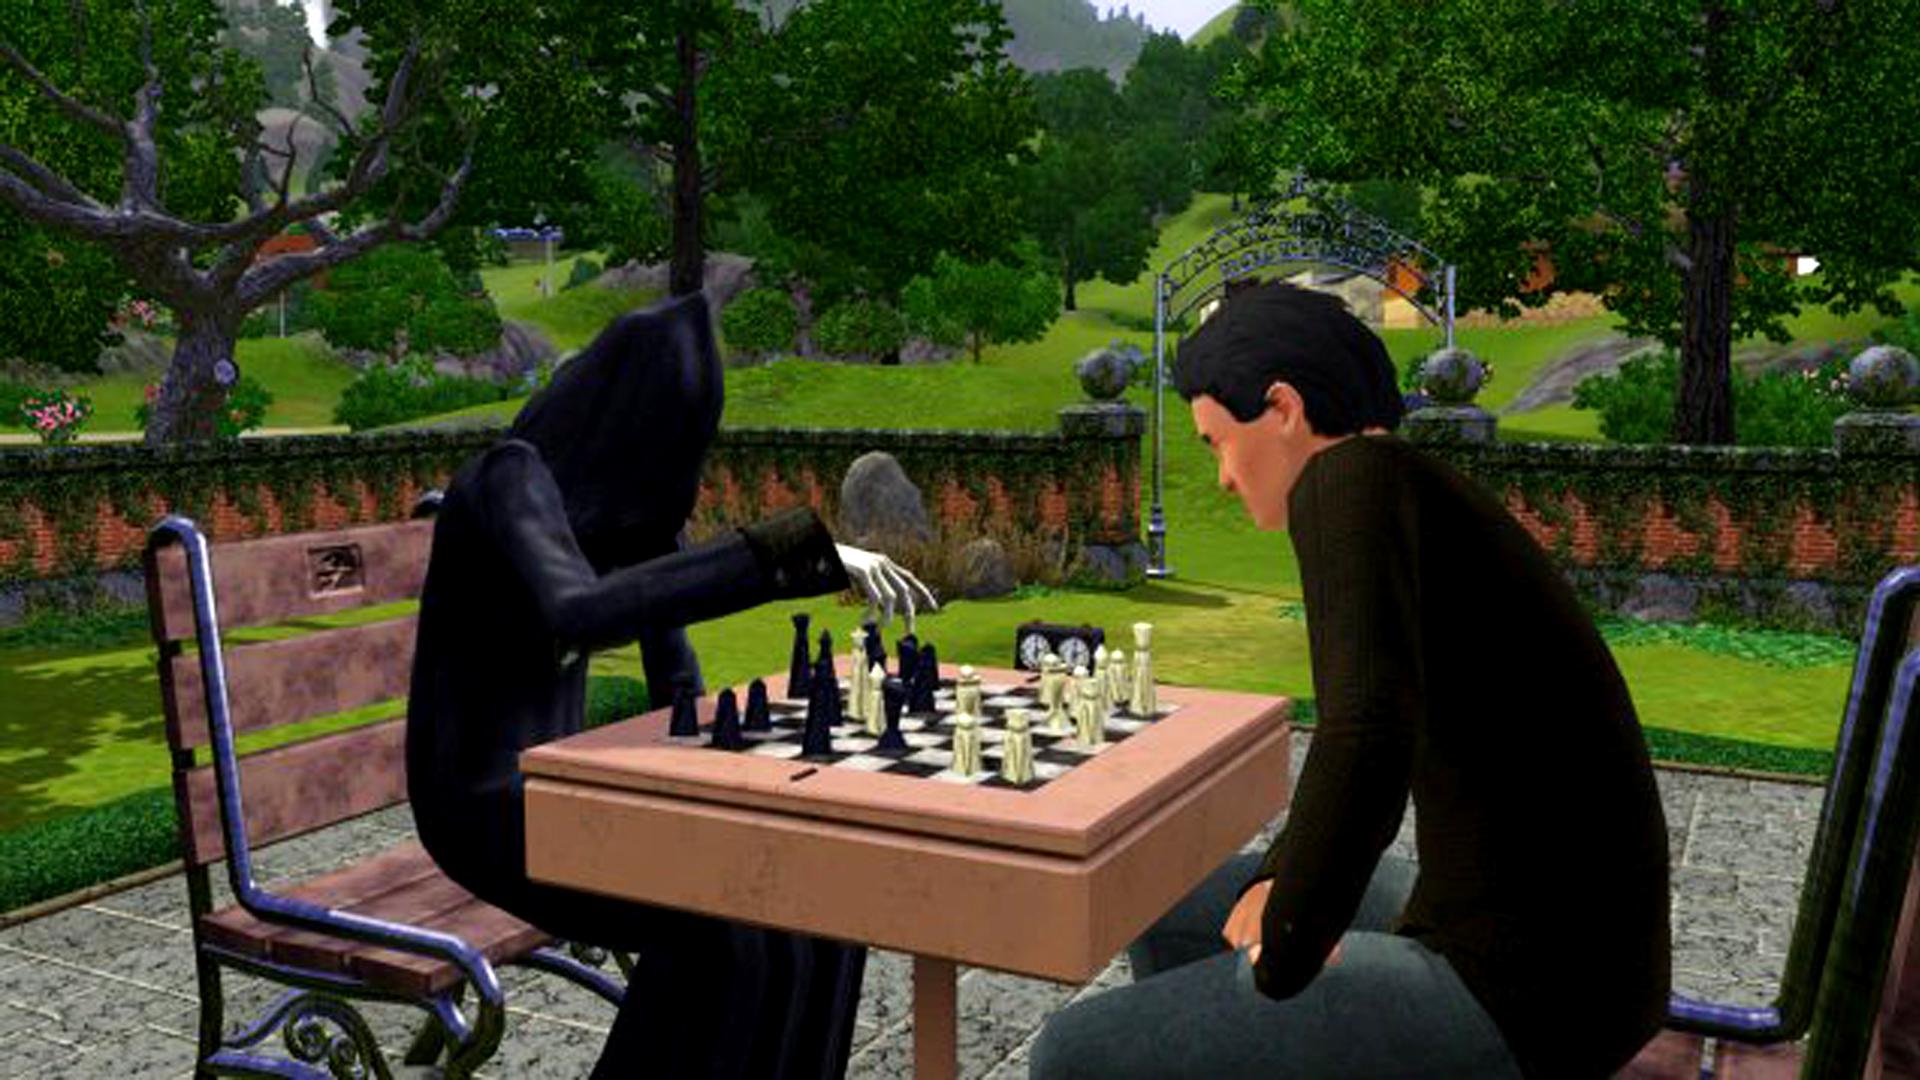 Isječak iz igre The Sims 3 kako Smrt u parku igra šah s jednim Sim-om